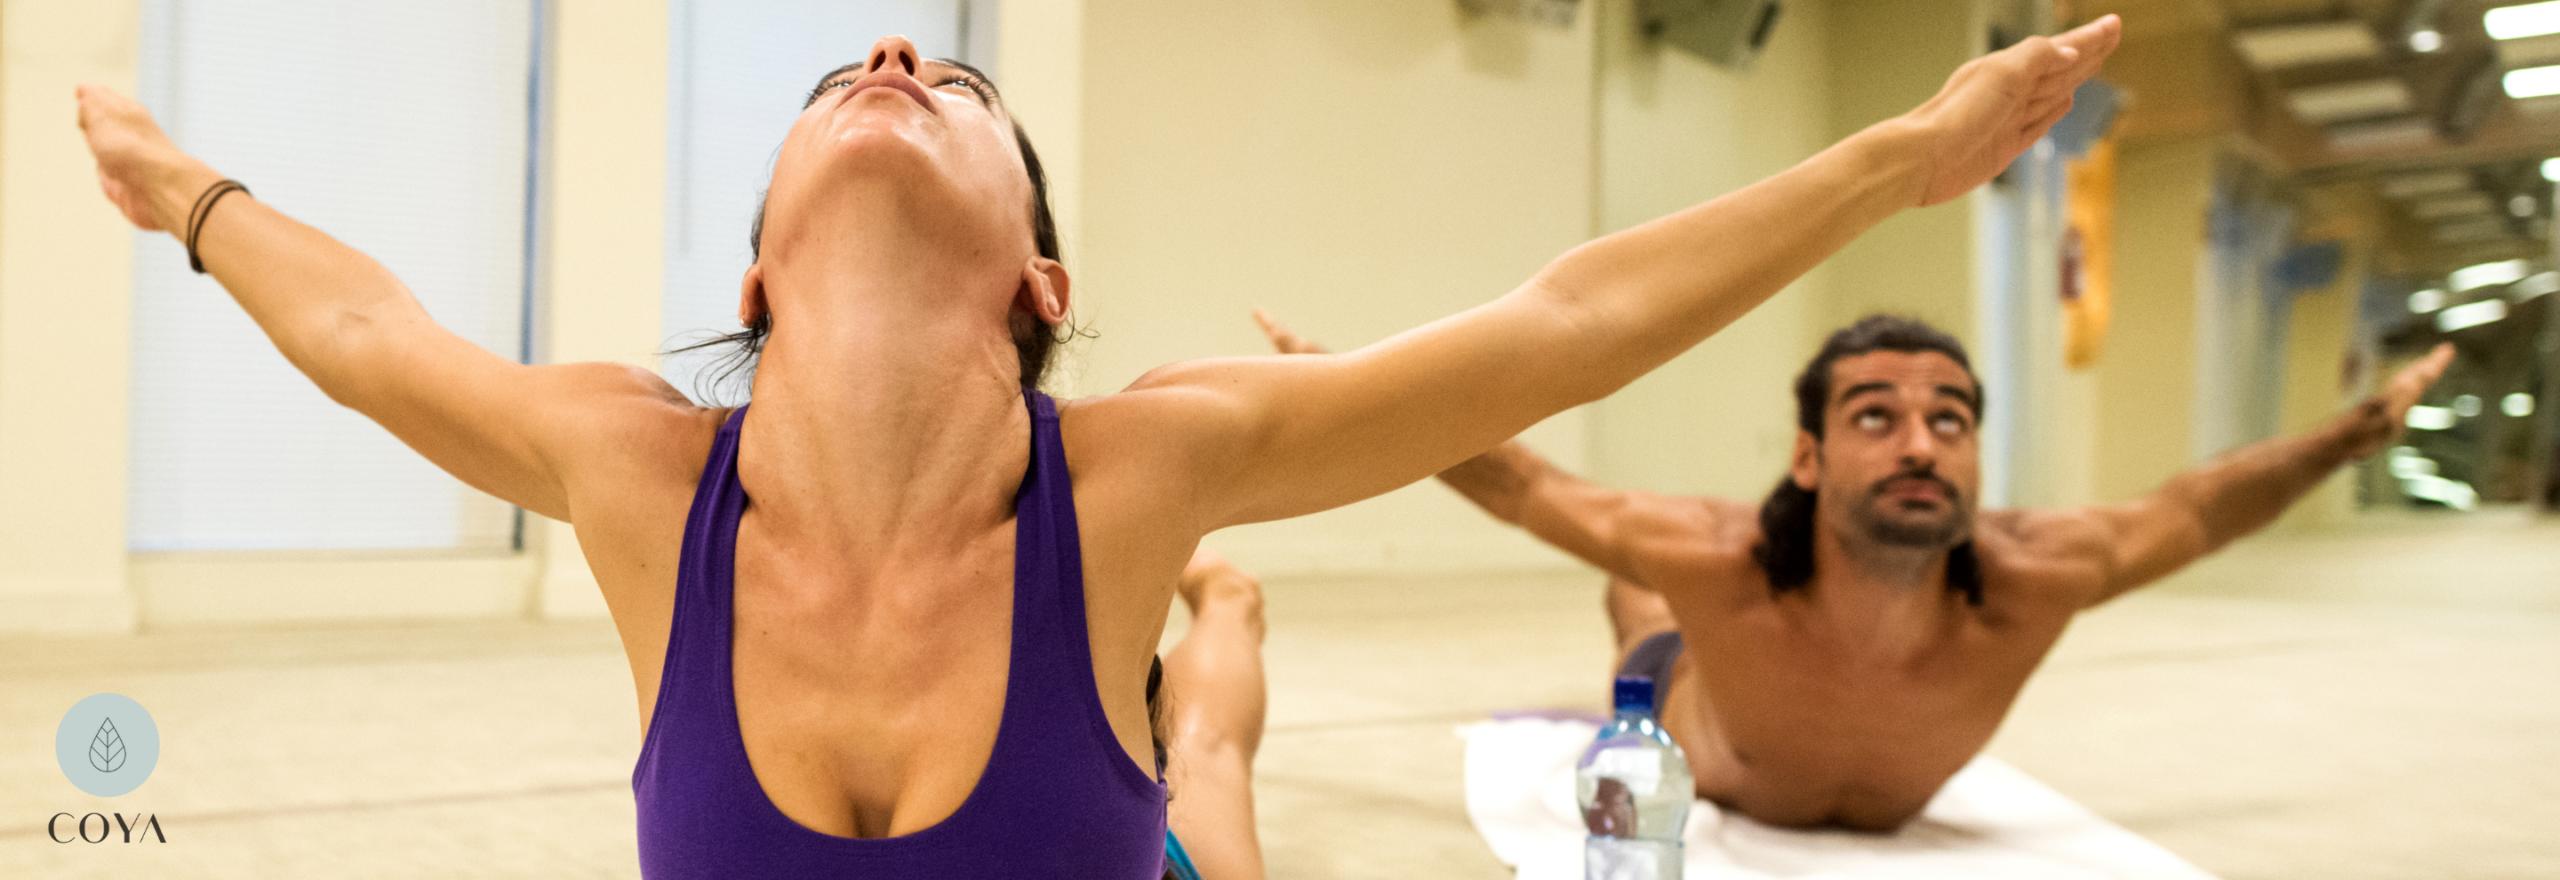 Ένας άνδρας και μια γυναίκα ασκούνται στη Bikram Yoga